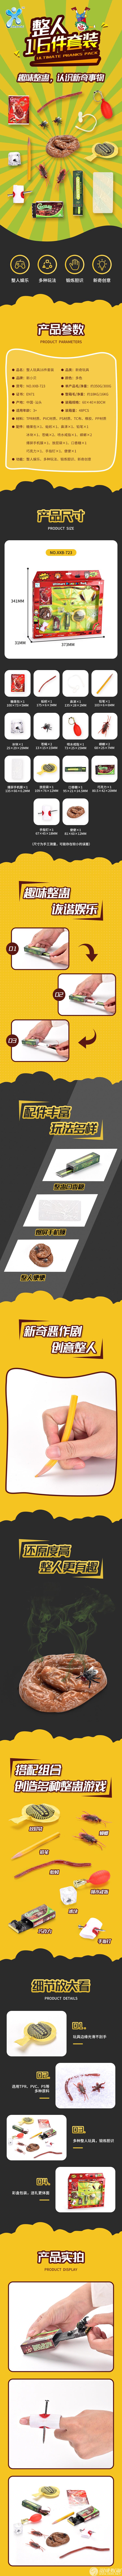 新小贝-(XXB-723)-整人玩具16件套装-中文版详情页.jpg